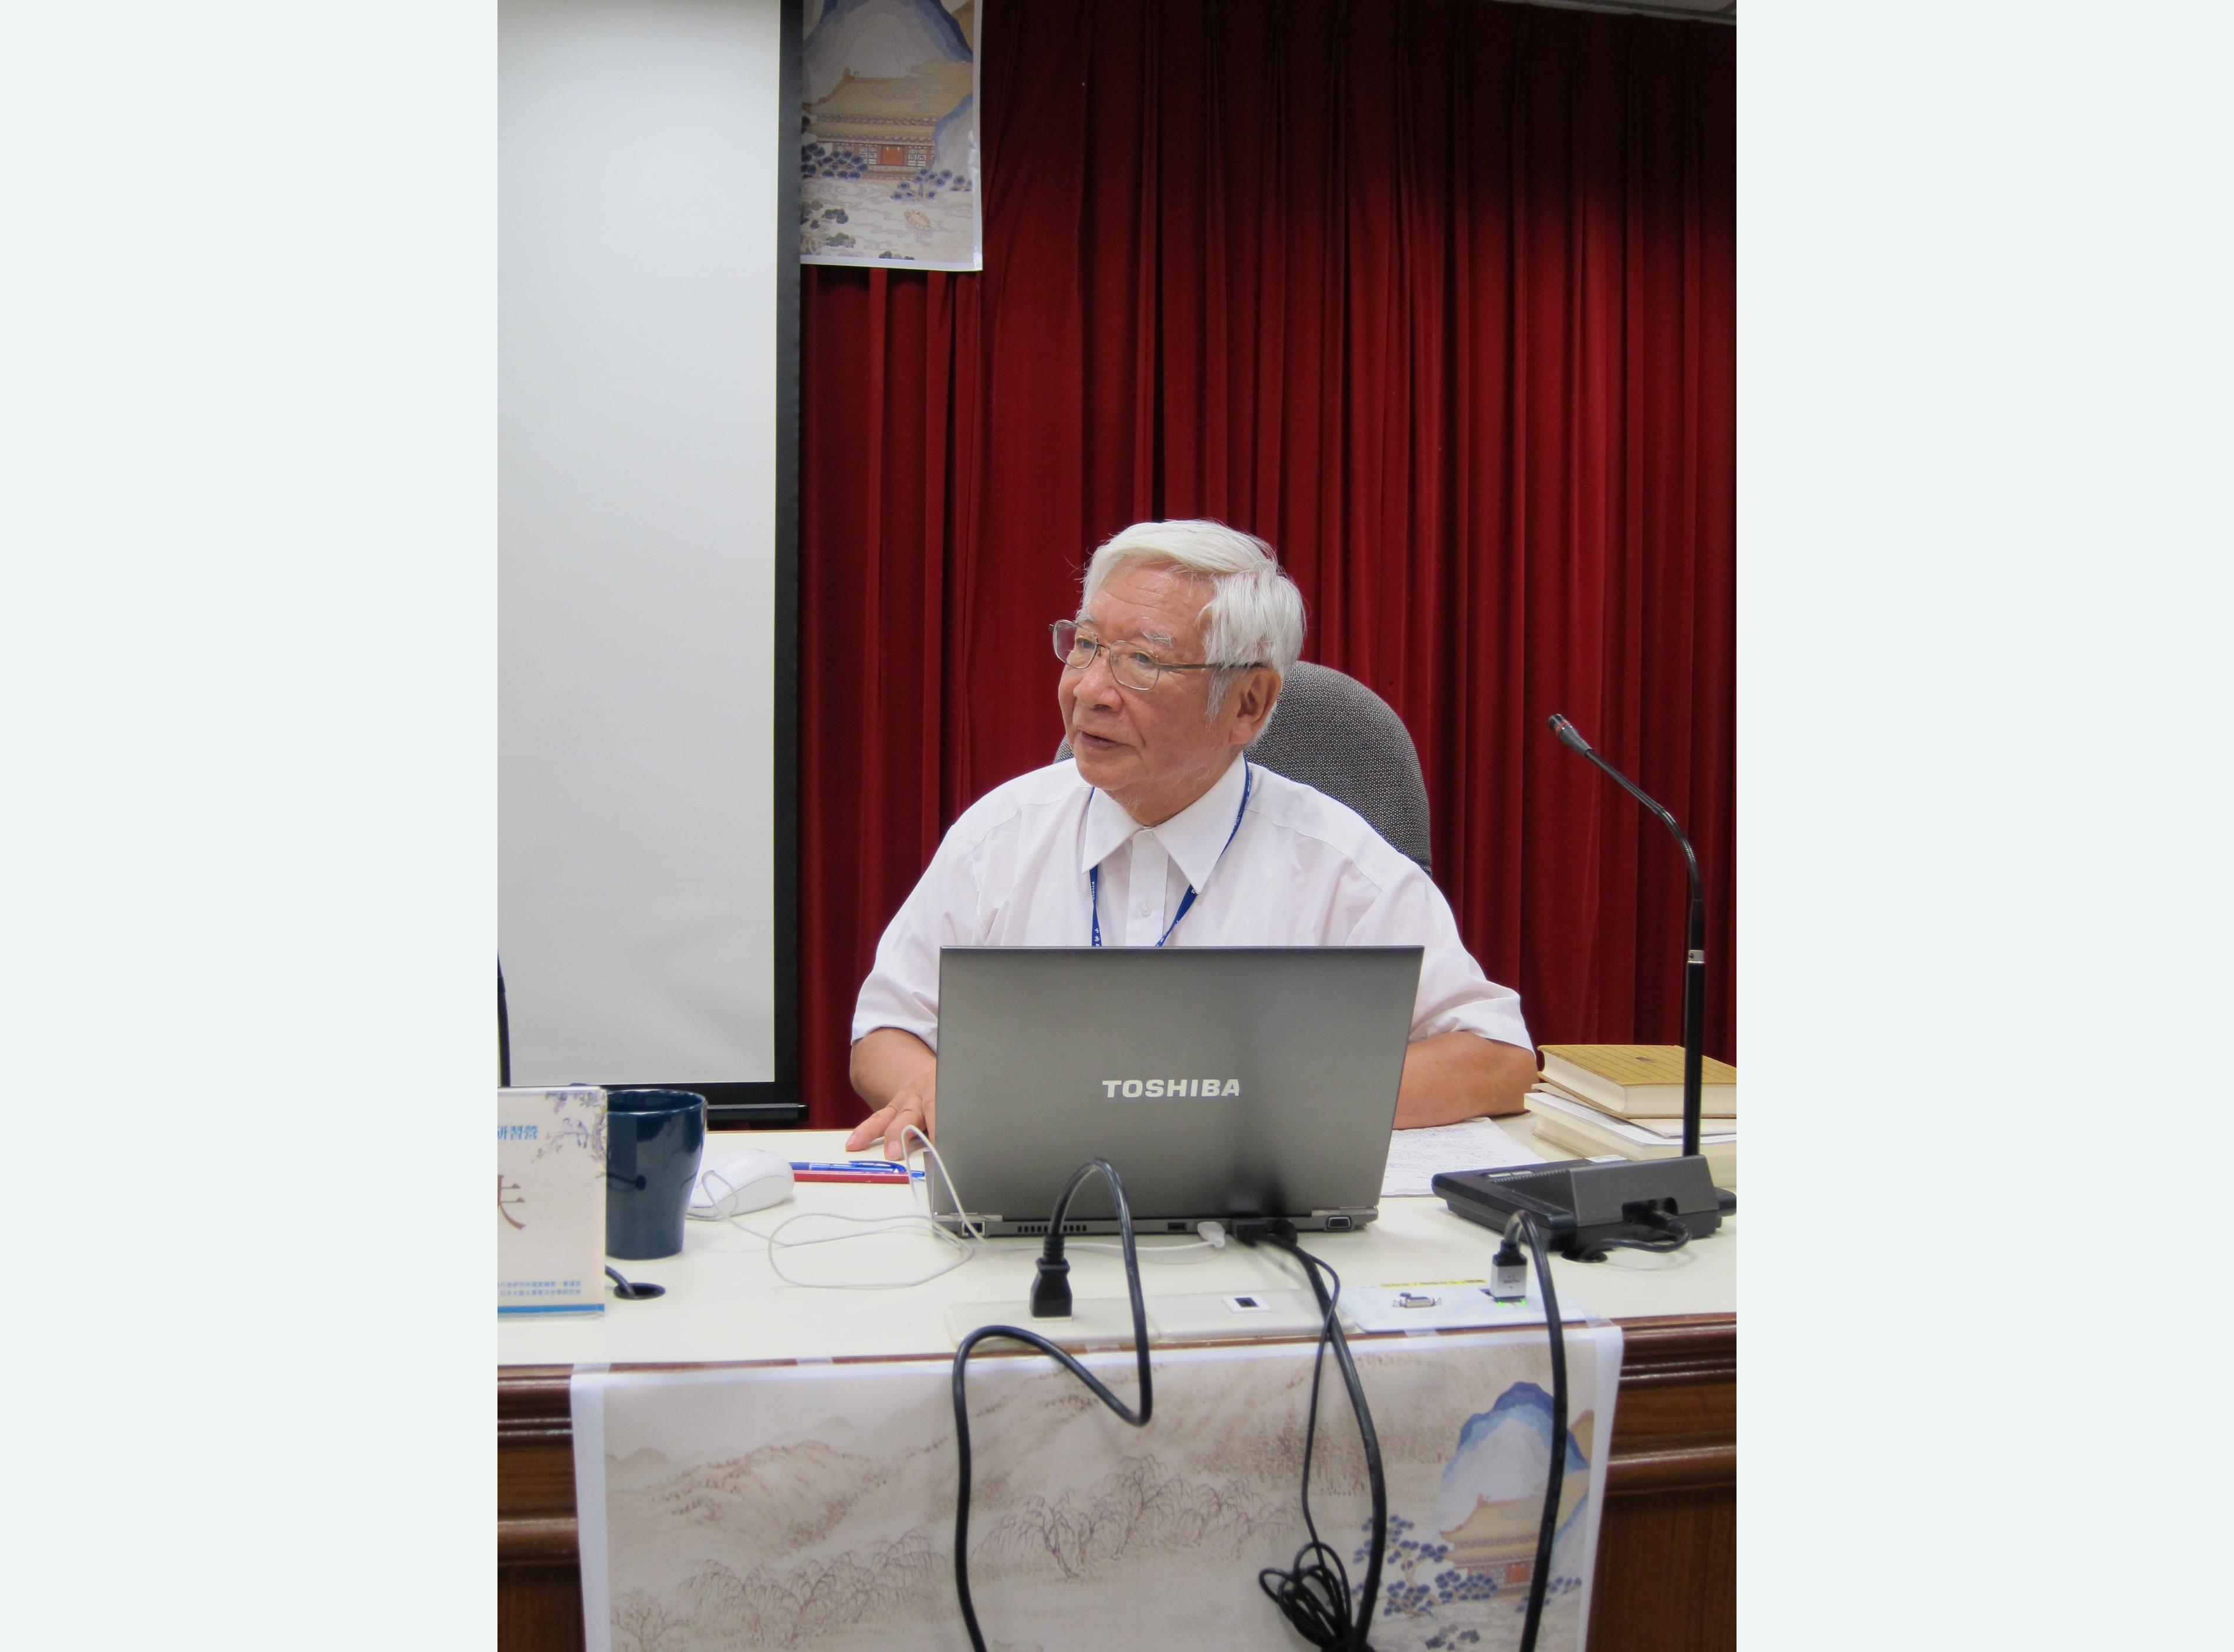 森正夫教授演講「明清史夏合宿の三十一年:模索の特徴と今後の課題」紀要